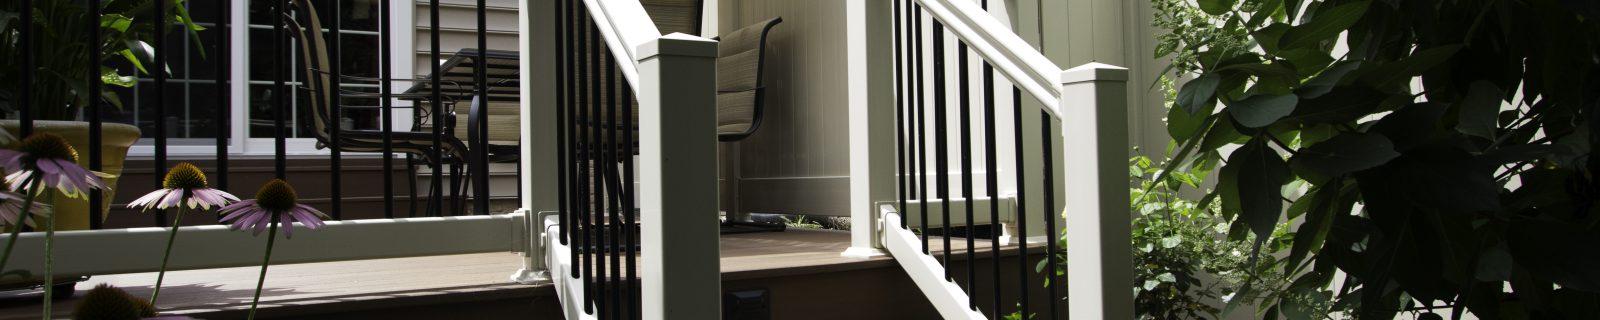 vinyl railings